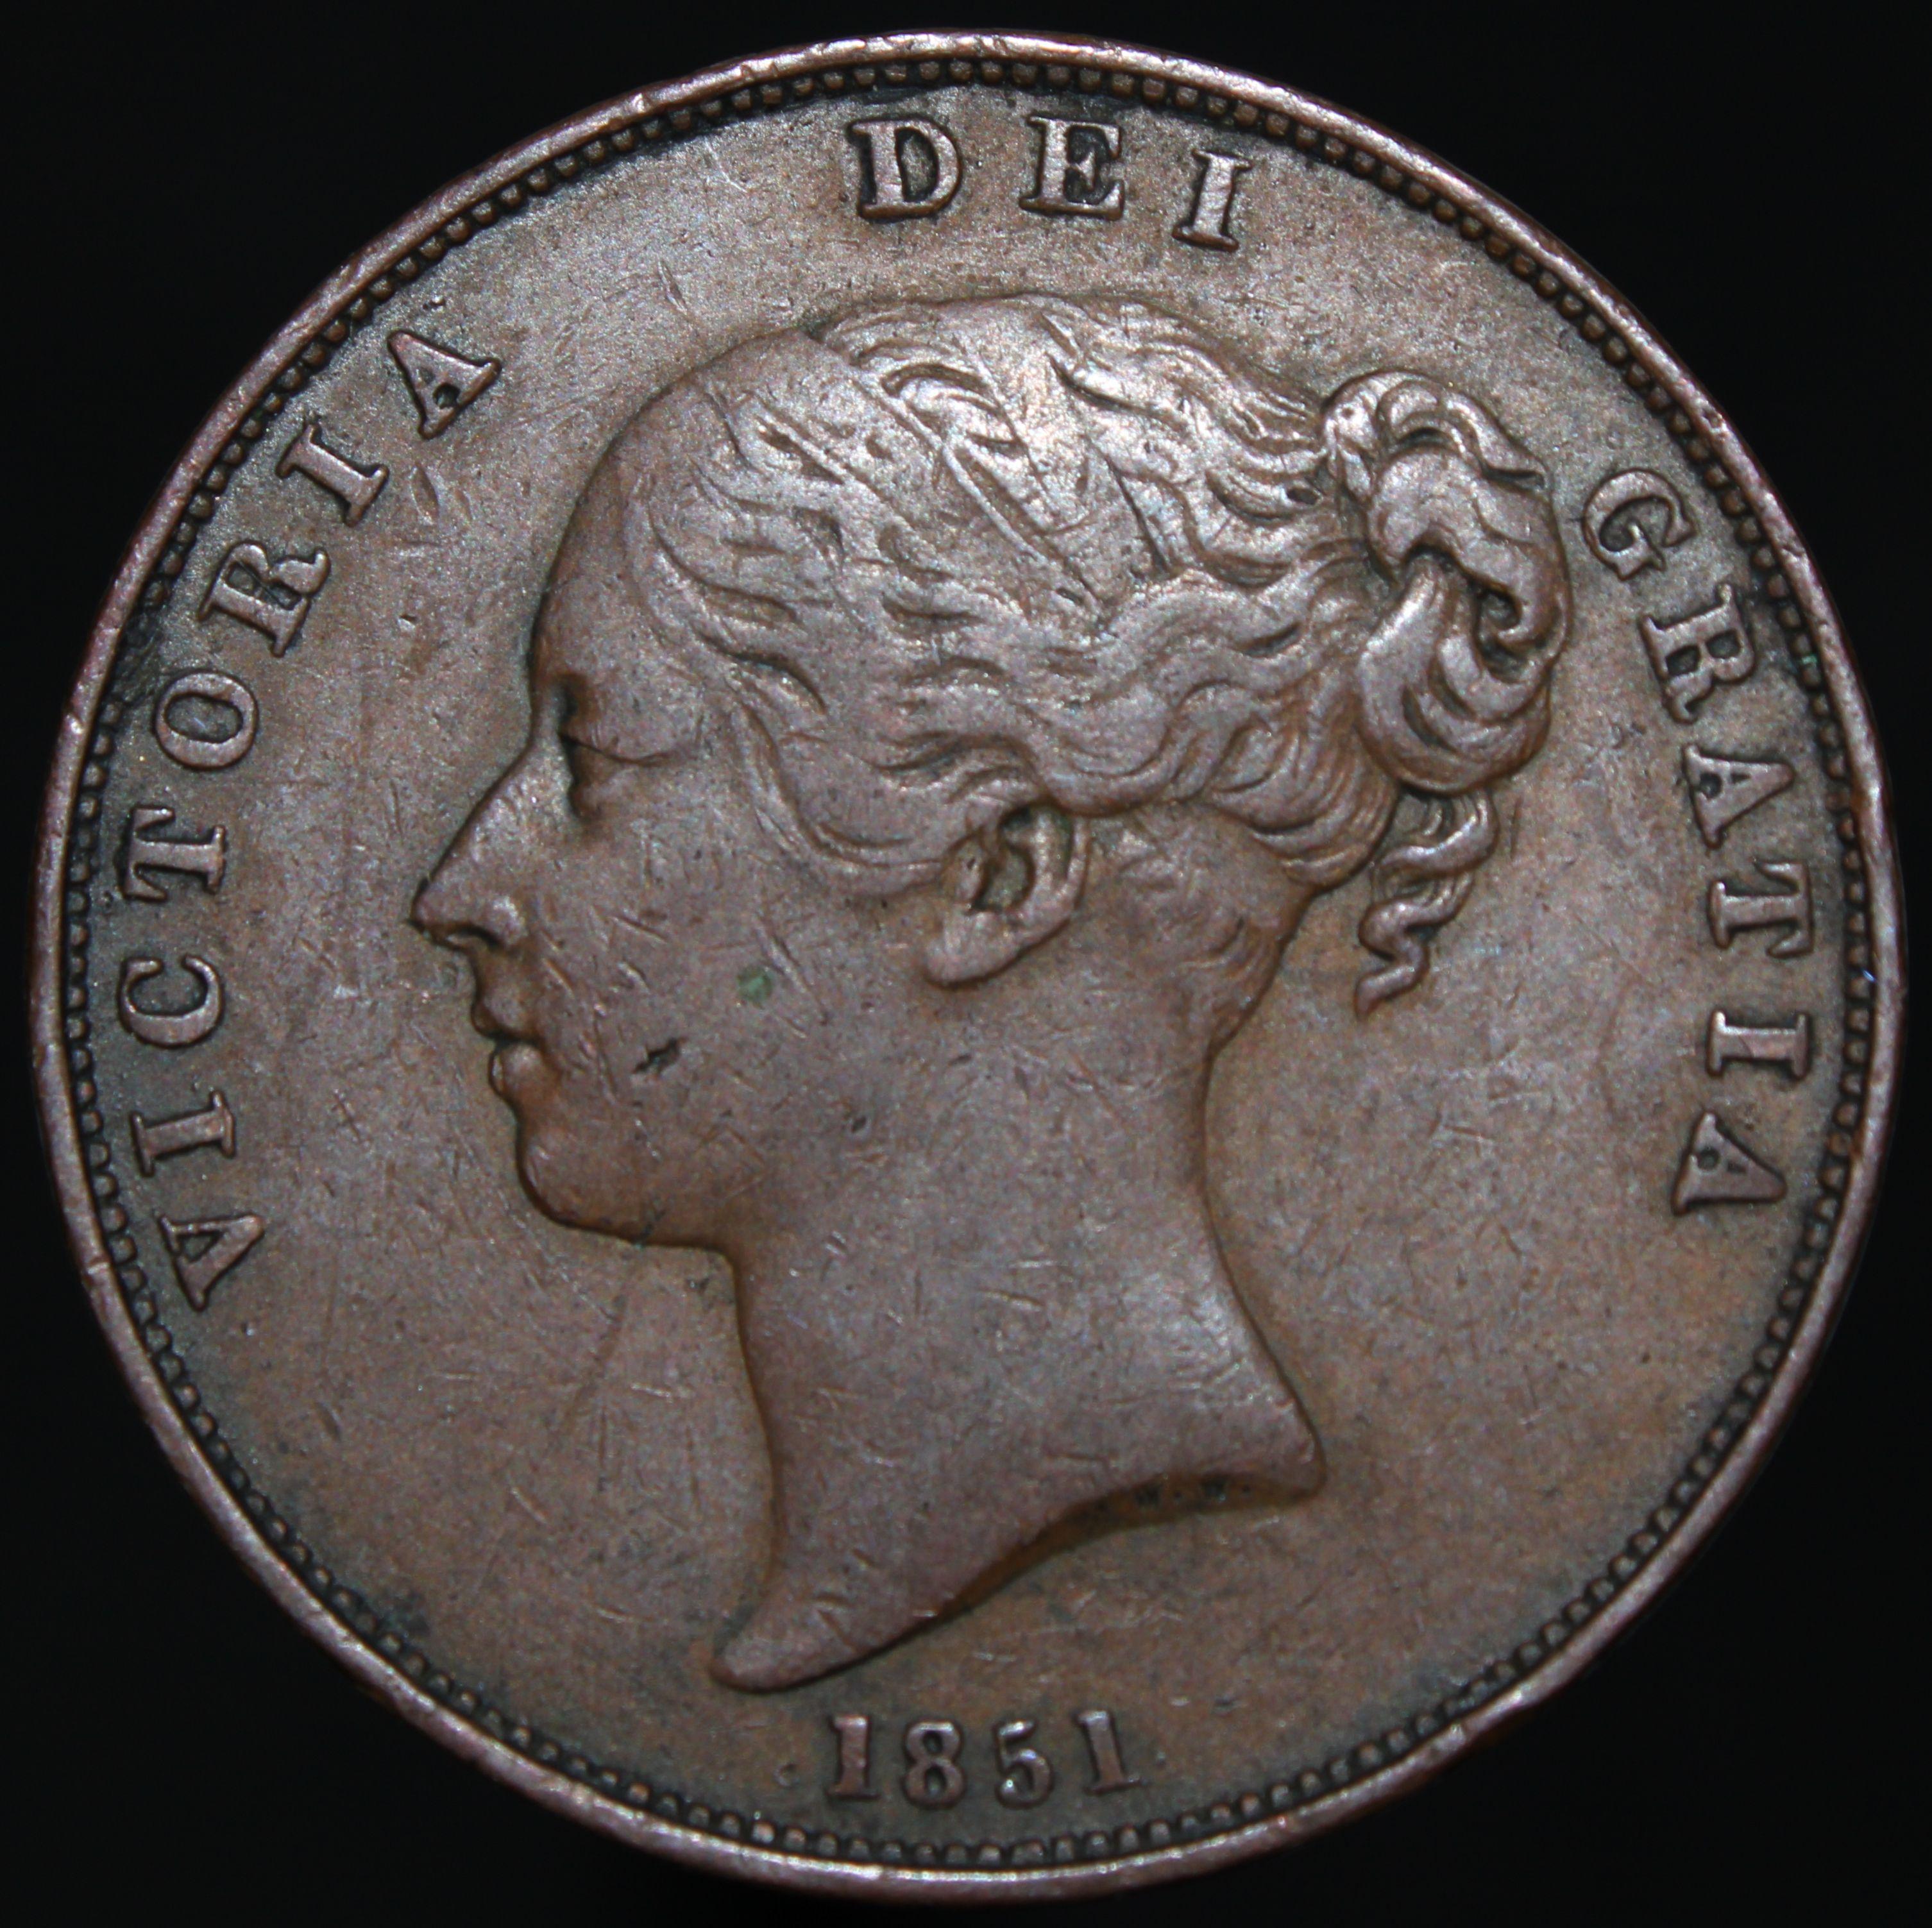 1851 Victoria Penny Far Colon After Def Copper Coins Km Coins Copper Coins Coins English Coins